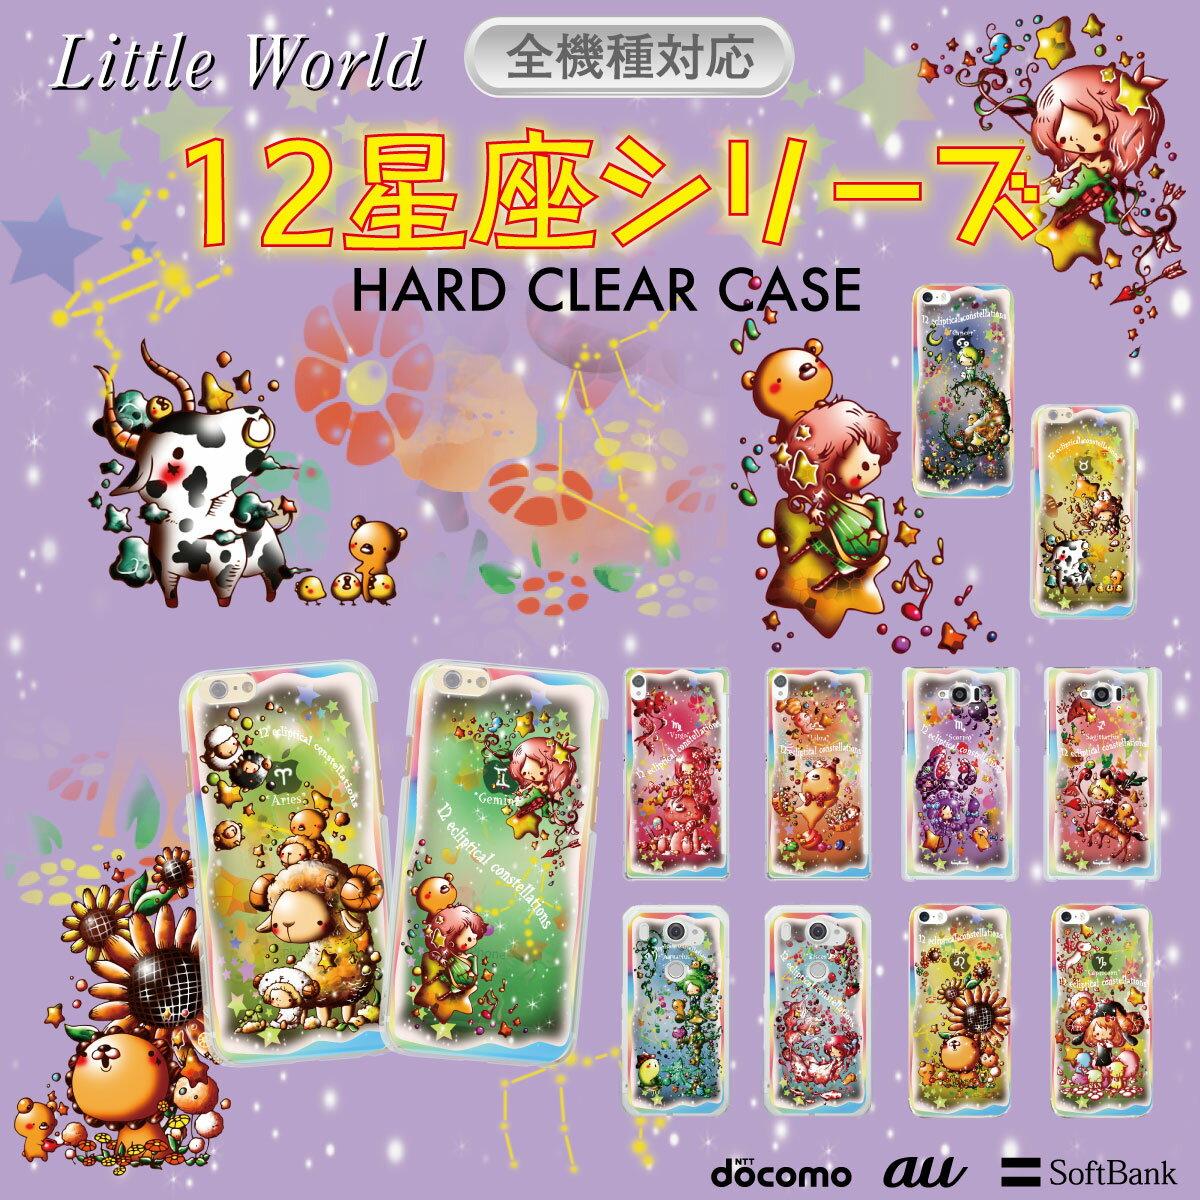 スマホケース 全機種対応 ケース カバー ハードケース クリアケースiPhoneX iPhone8 iPhone7s Plus iPhone7 iPhone6s iPhone6 Plus iPhone SE 5s Xperia XZ1 SO-01K SO-02K XZ so-04j XZs so-03j aquos R SH-01K SHV41 Little World 25-zen-01